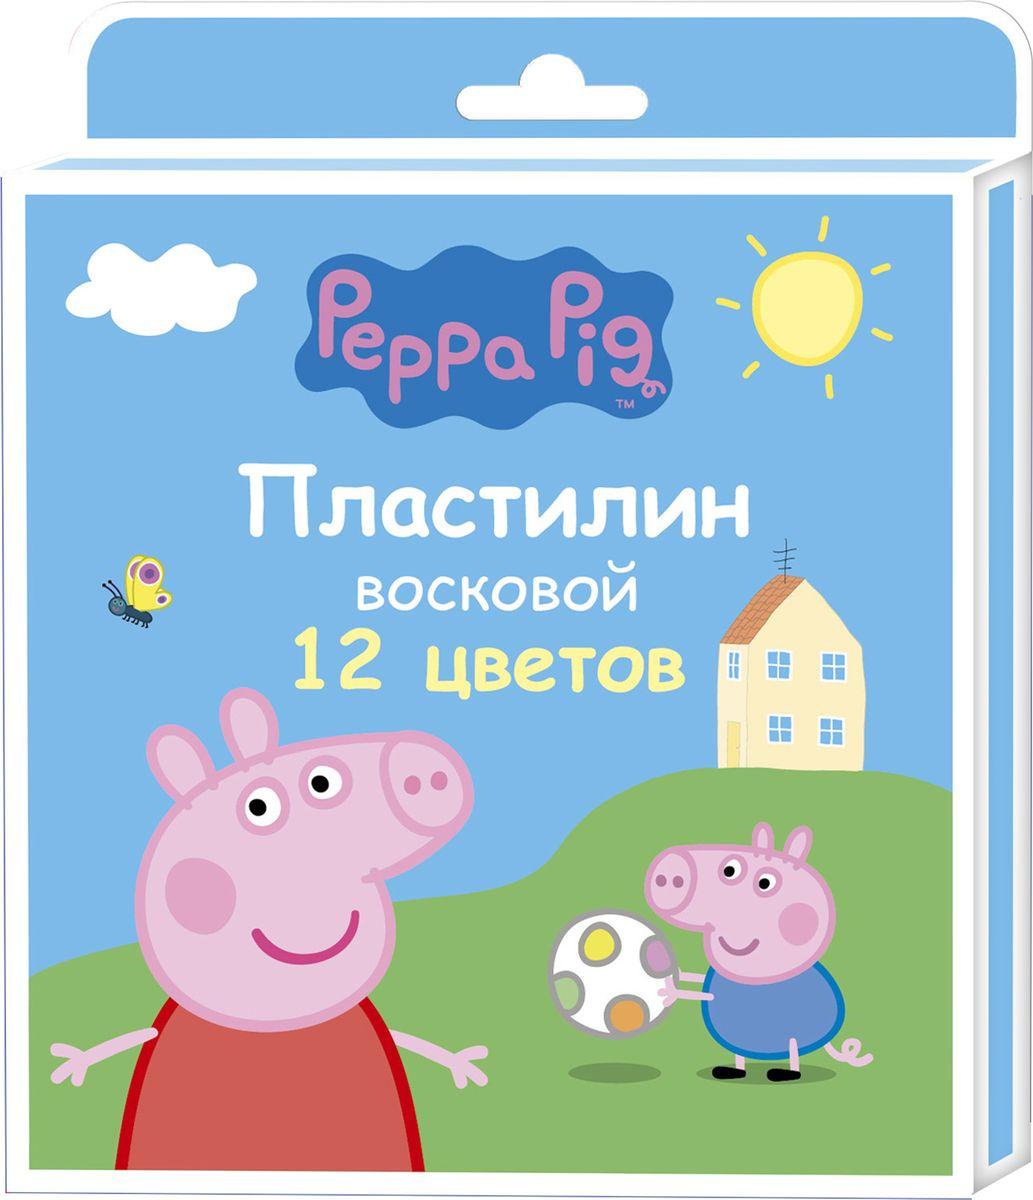 Peppa Pig Пластилин восковой Свинка Пеппа 12 цветов peppa pig пластилин свинка пеппа 12 цветов